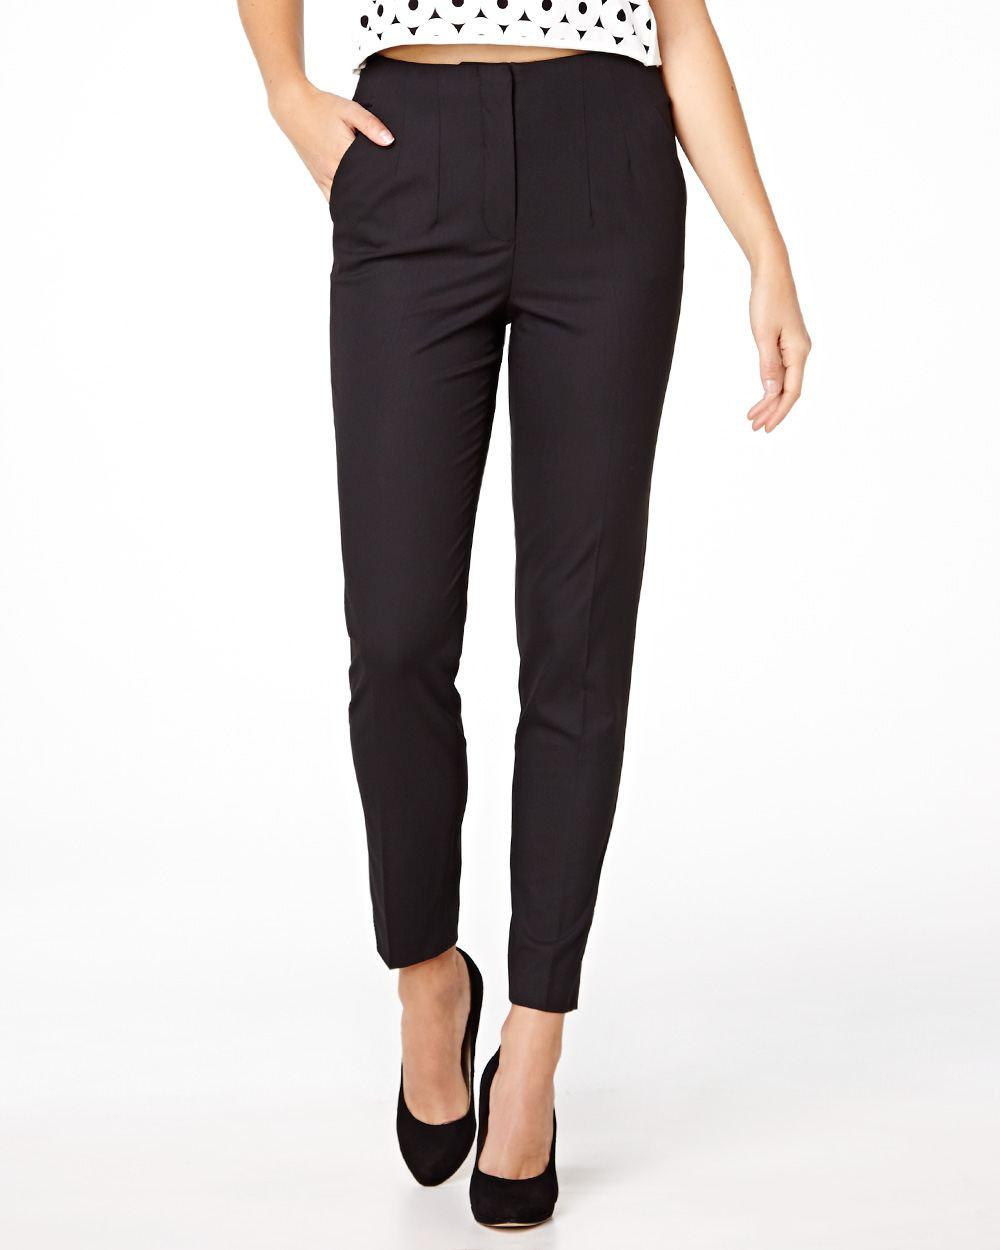 pantalon taille haute longueur cheville rw co. Black Bedroom Furniture Sets. Home Design Ideas